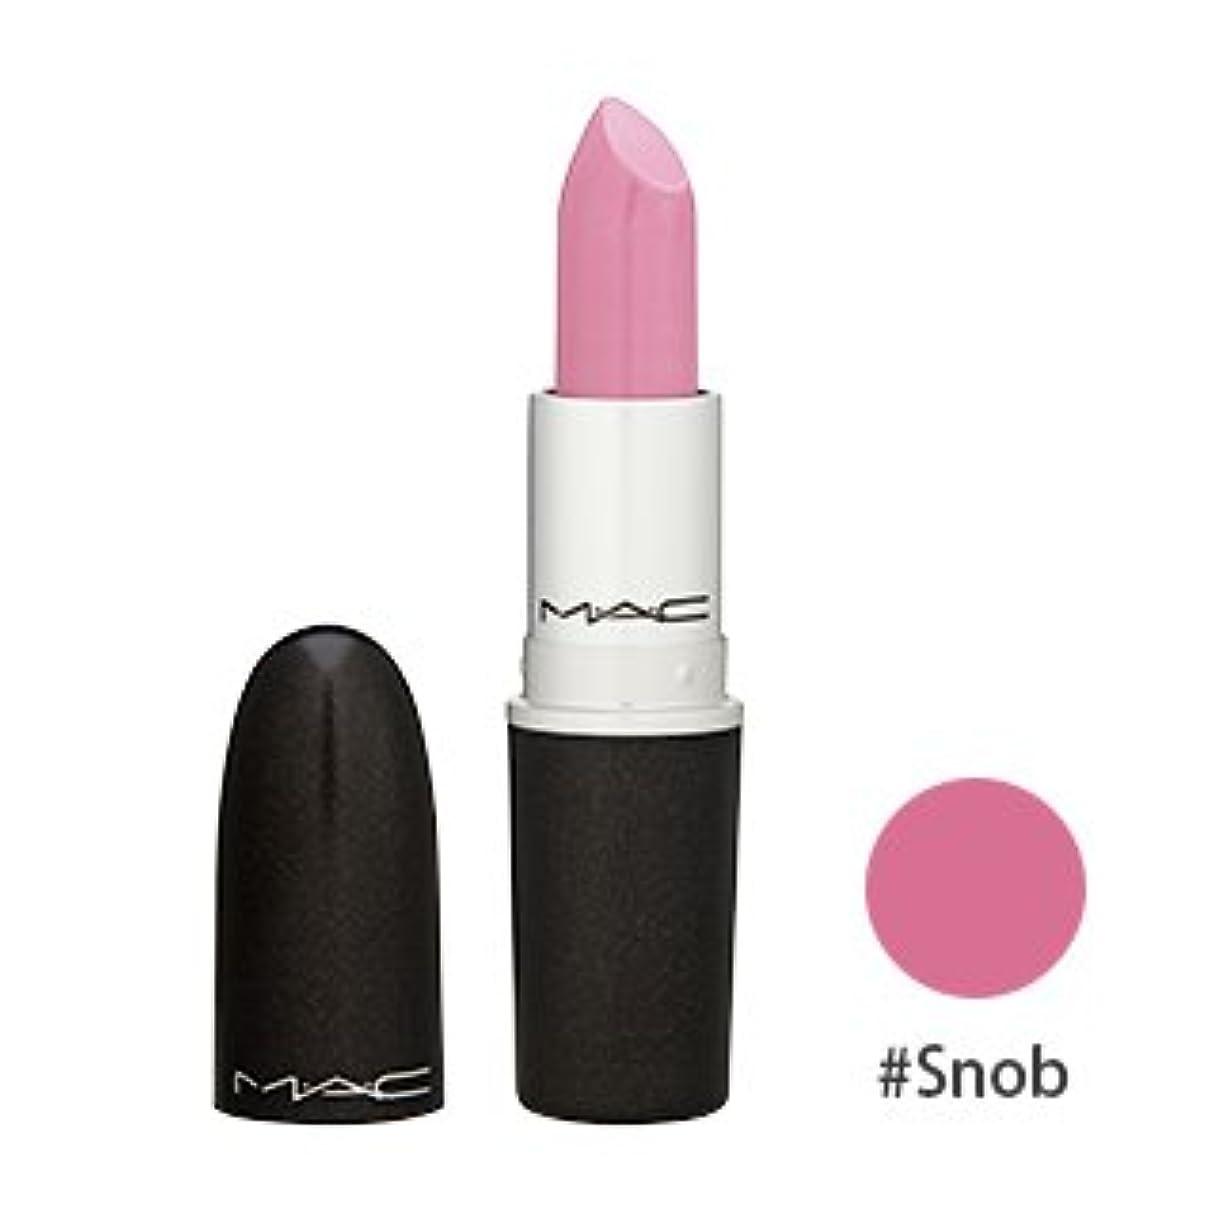 マック(M?A?C(MAC)) リップスティック #Snob(明るいピンク)[サテン] 3g [海外直送品] [並行輸入品]